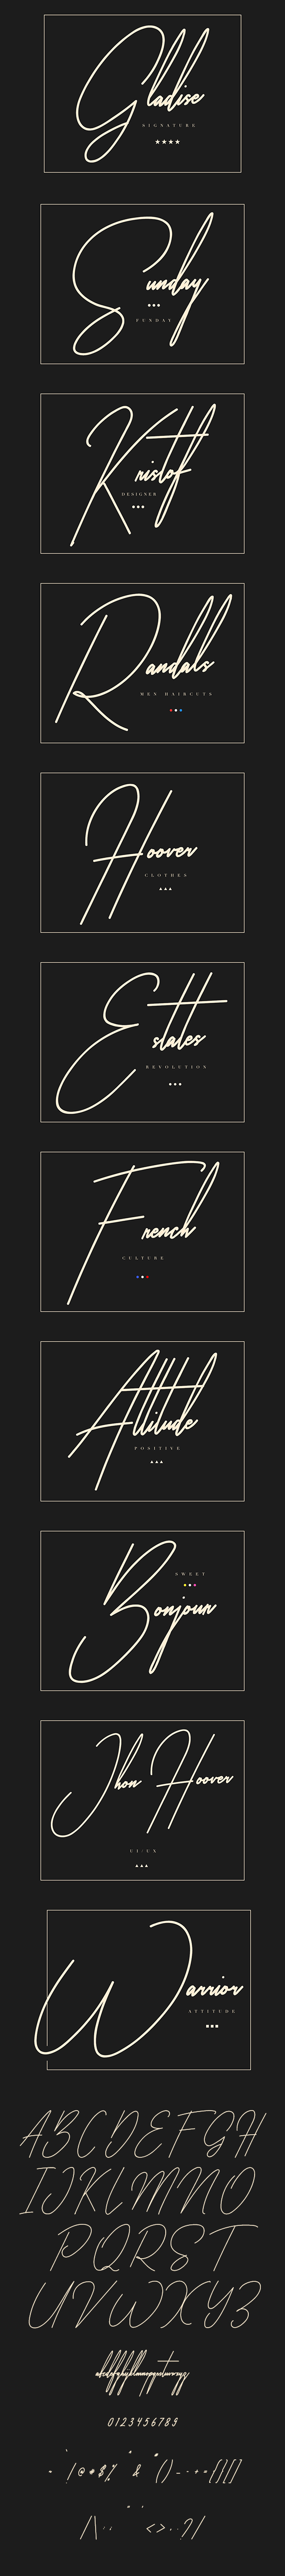 GraphicRiver Gladise Signature Typeface 20919208